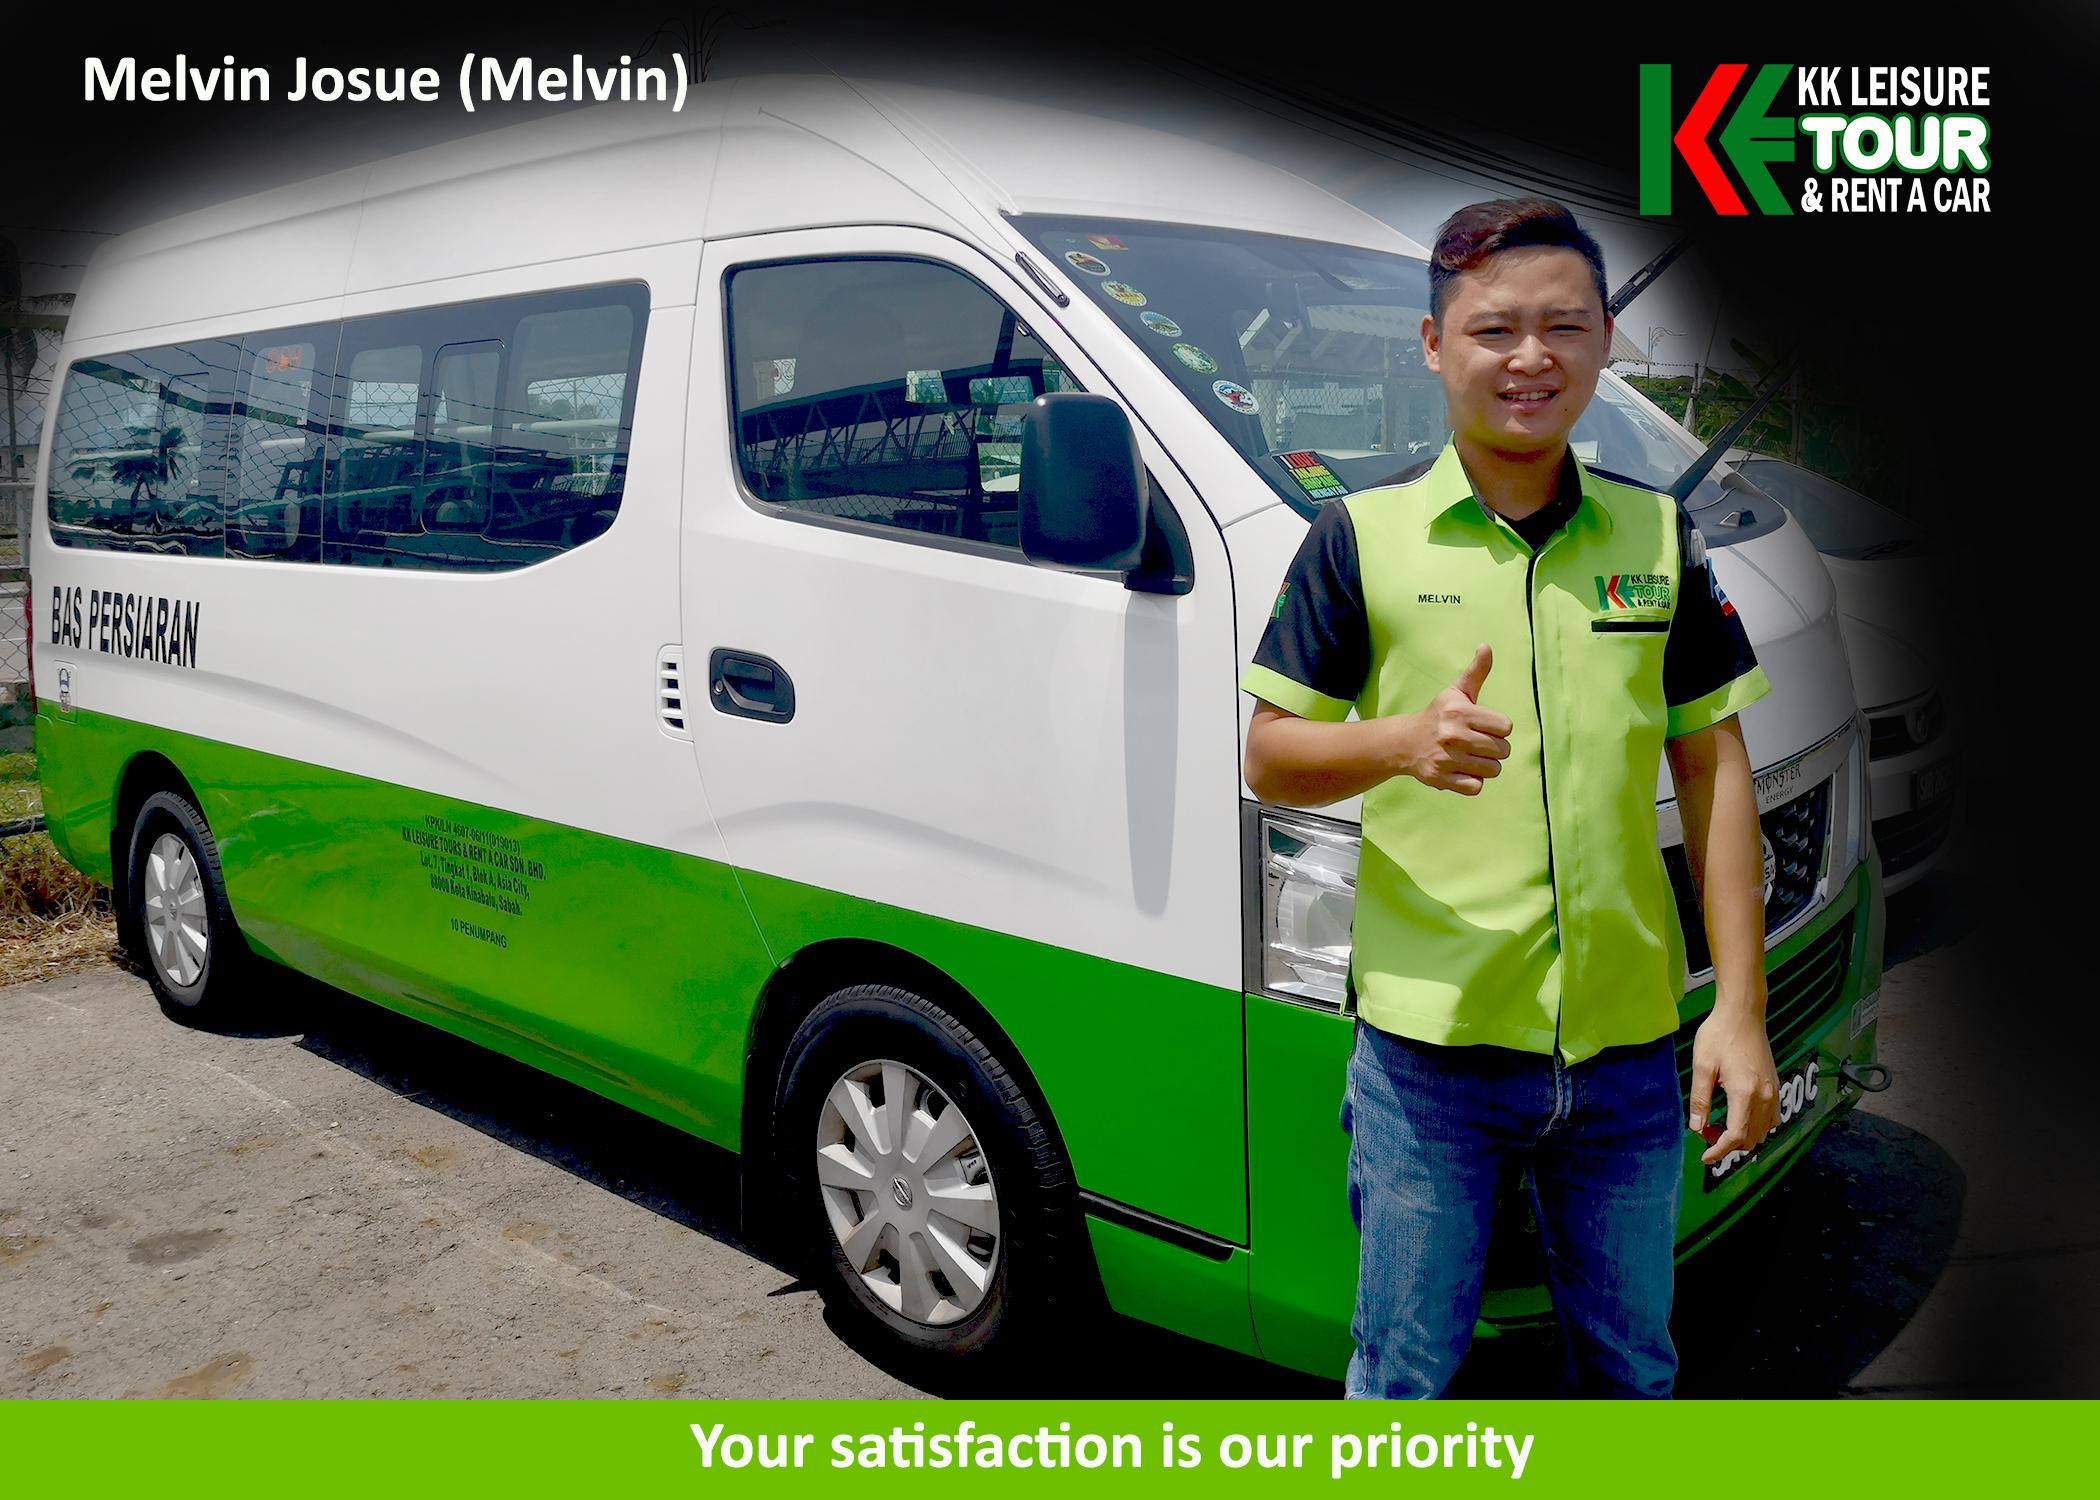 Kk airport car rental